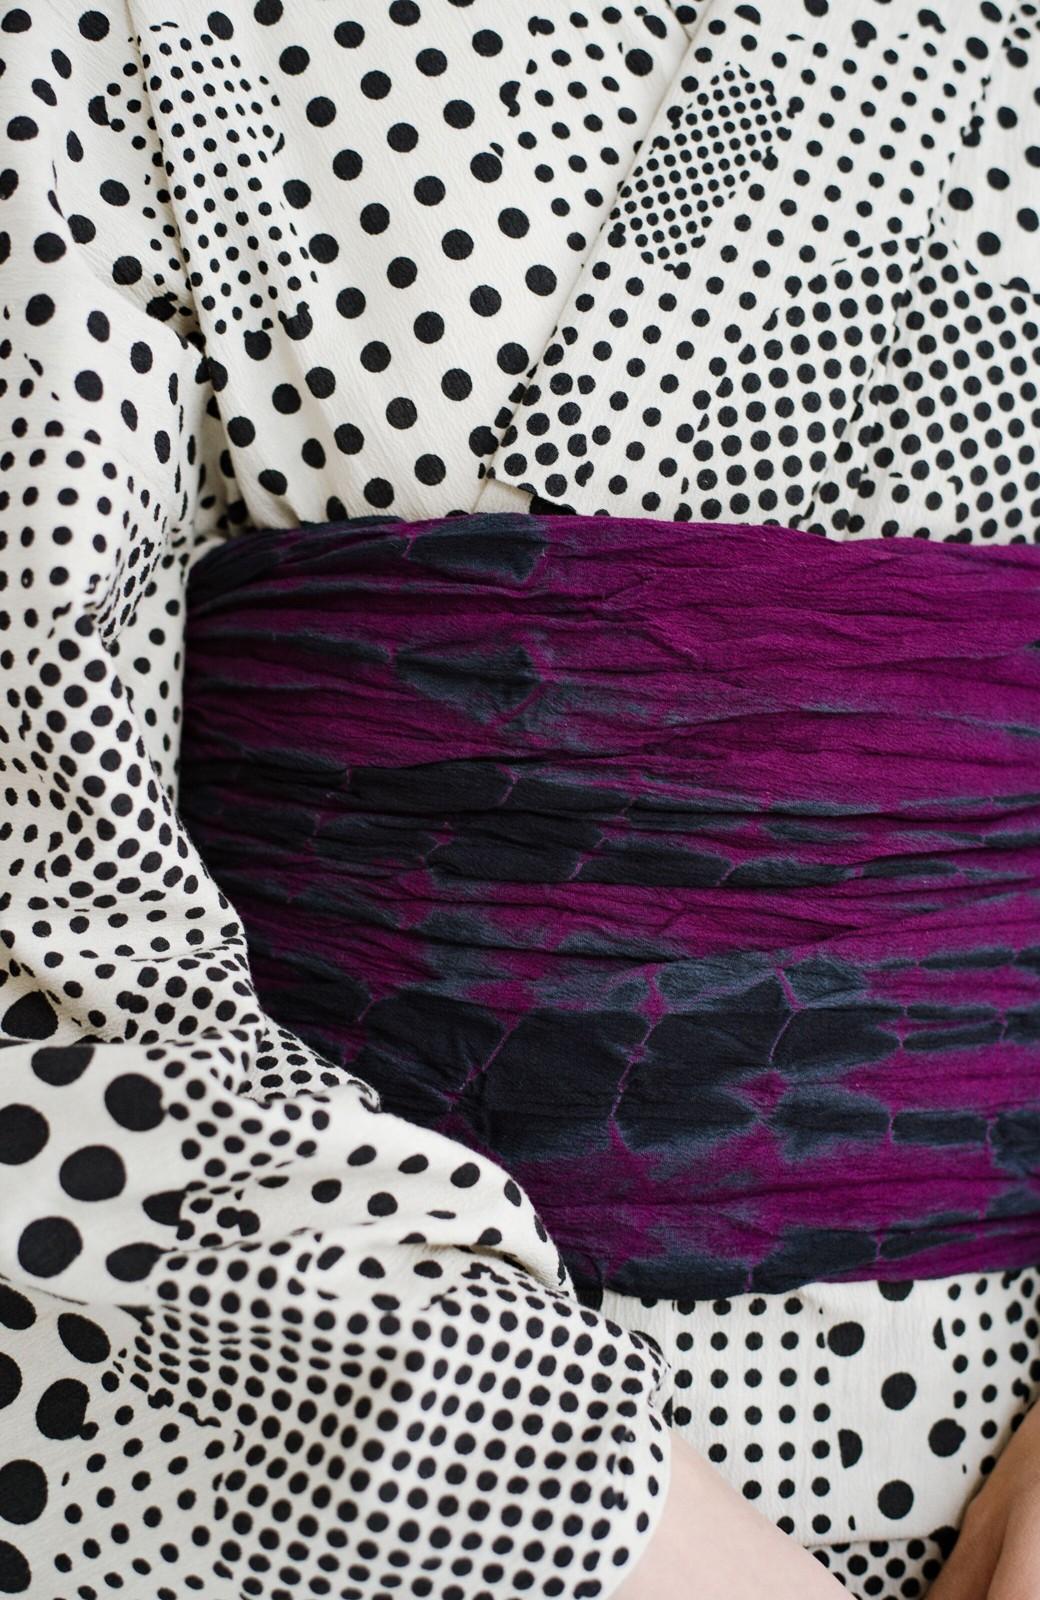 haco! ひでや工房 京都のへこ帯 伝統工芸士が作る巻上絞 <パープル系その他>の商品写真5